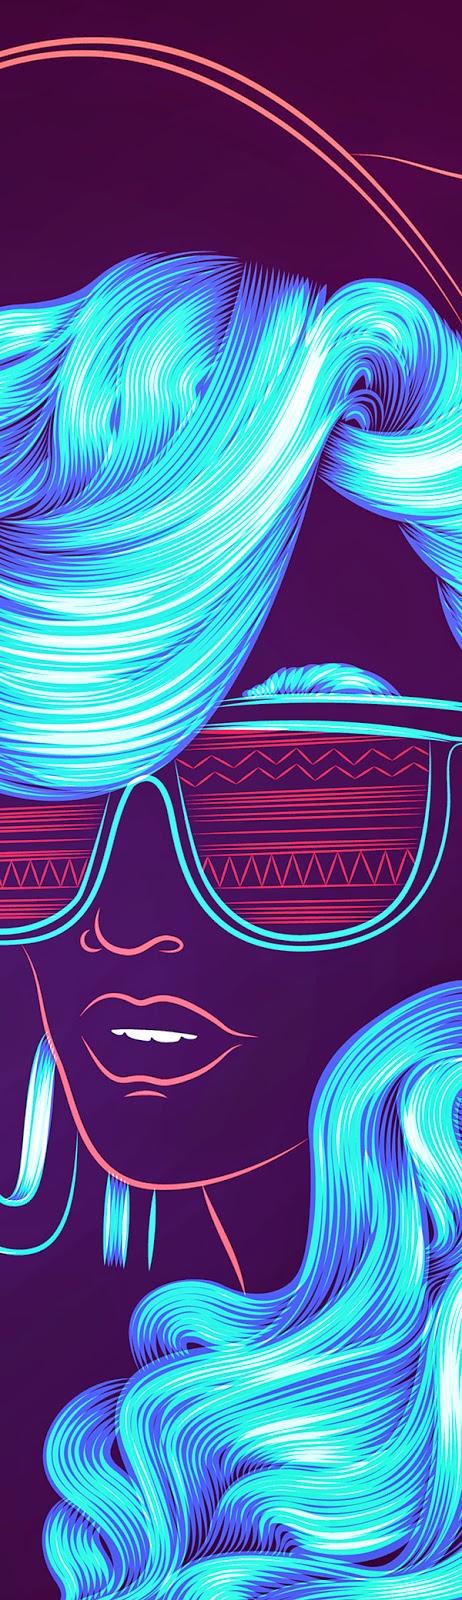 Ilustraciones retro con colores neón por Patrick Seymour